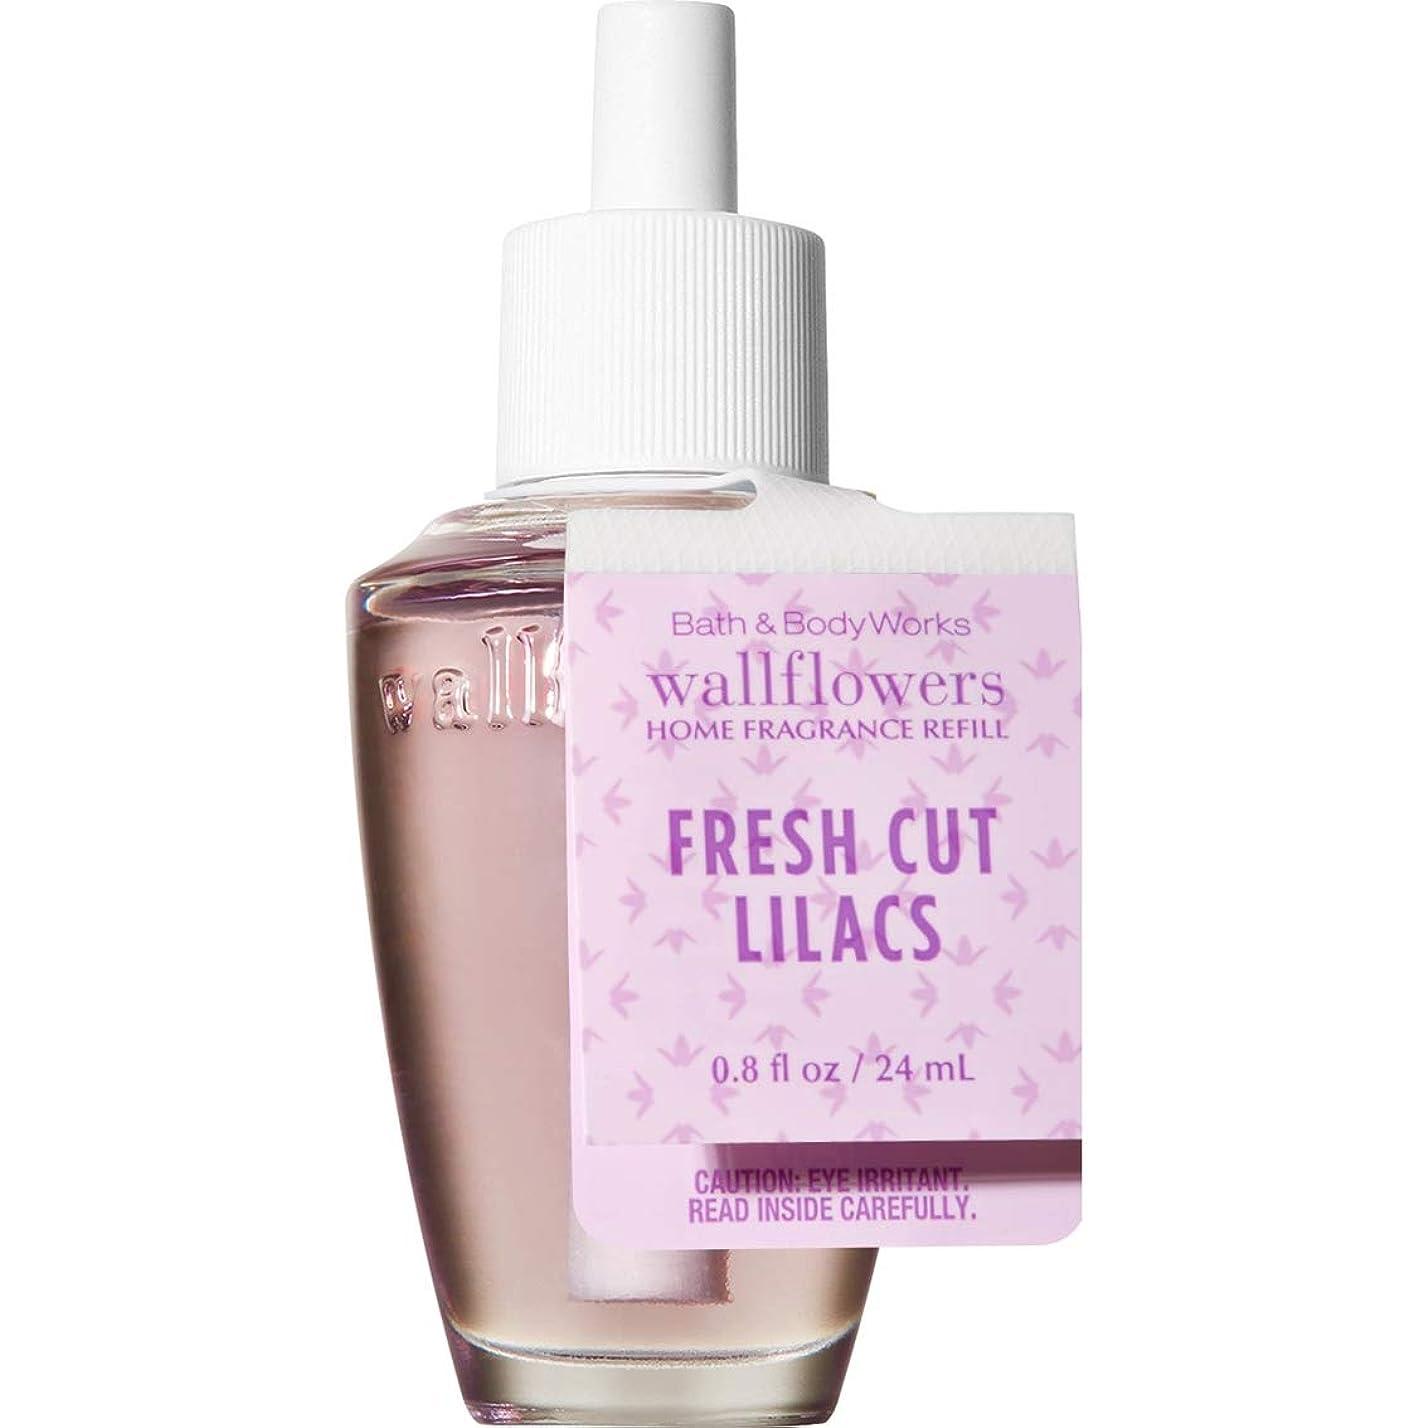 画家構想する素敵な【Bath&Body Works/バス&ボディワークス】 ルームフレグランス 詰替えリフィル フレッシュカットライラック Wallflowers Home Fragrance Refill Fresh Cut Lilacs [並行輸入品]